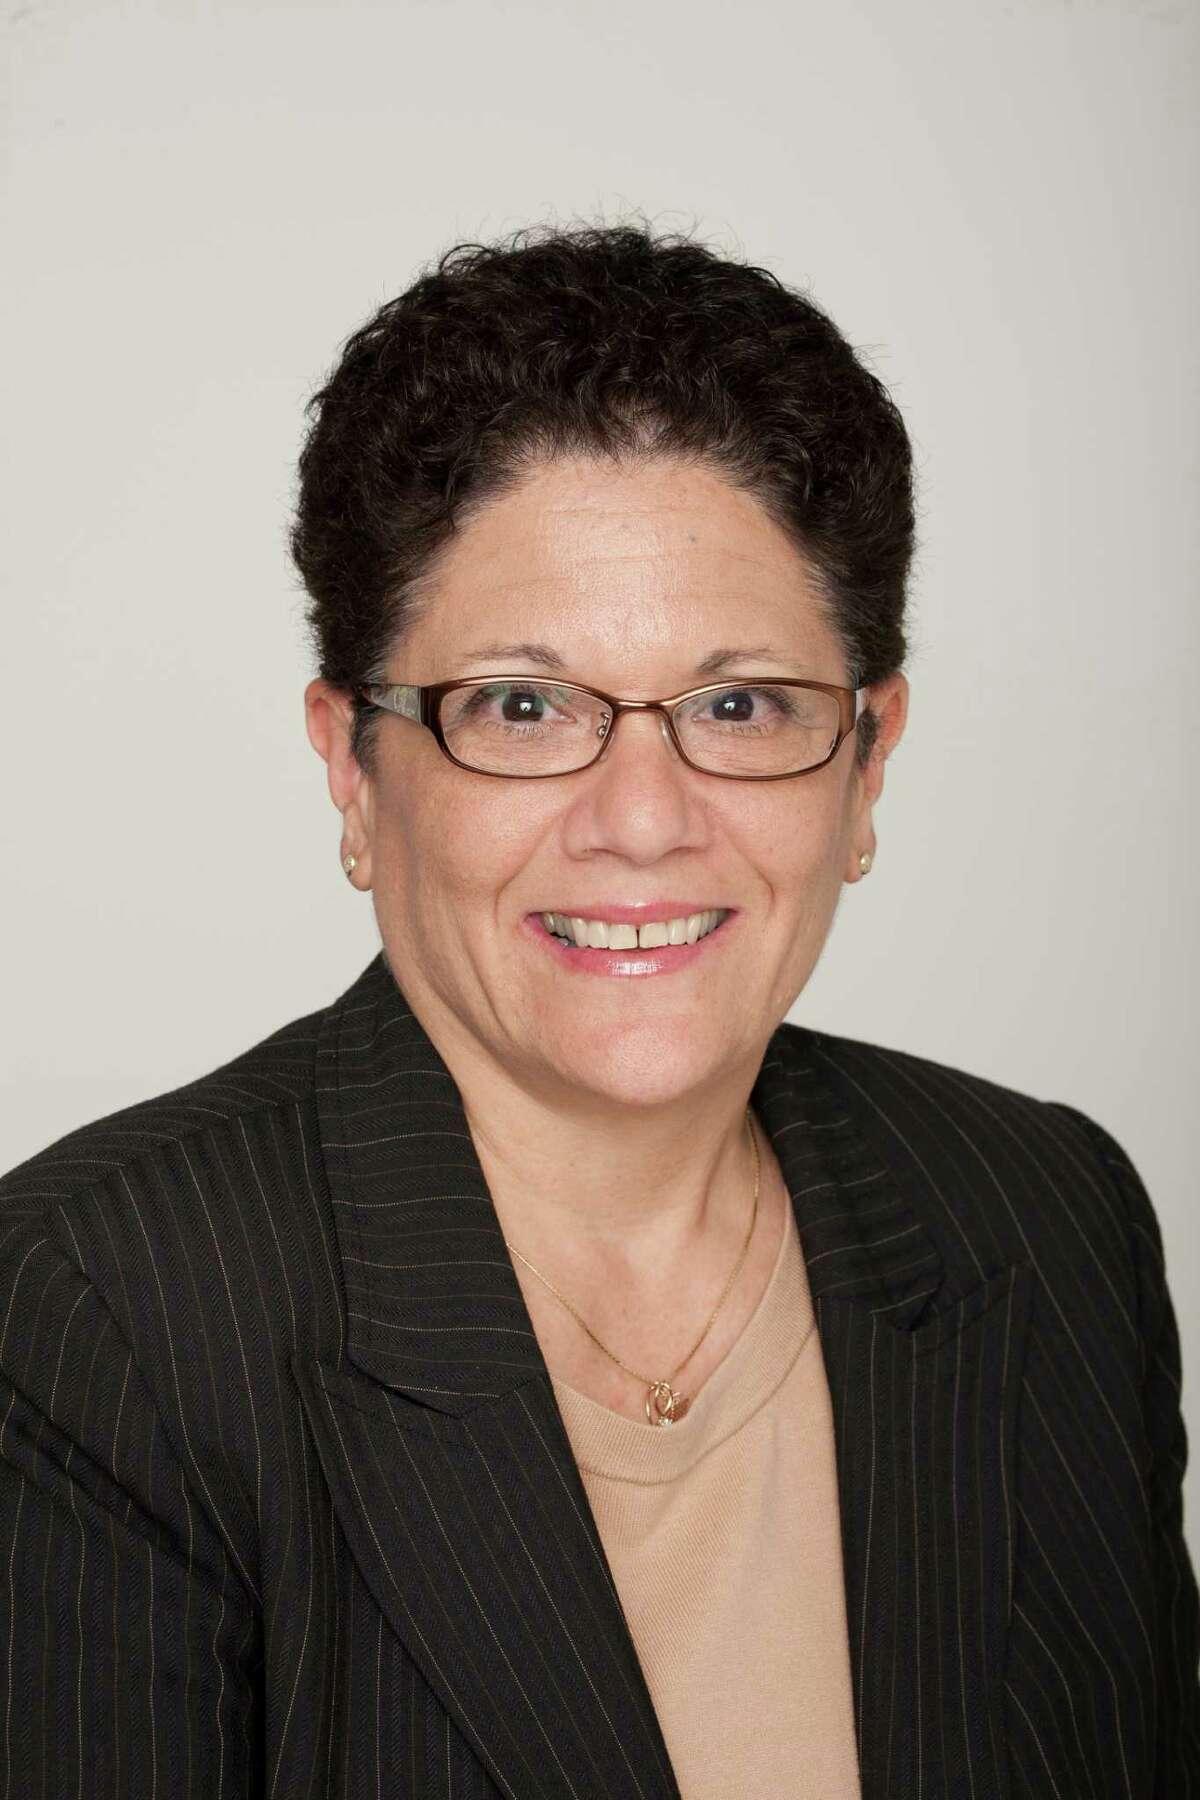 Nanette Rinaldi